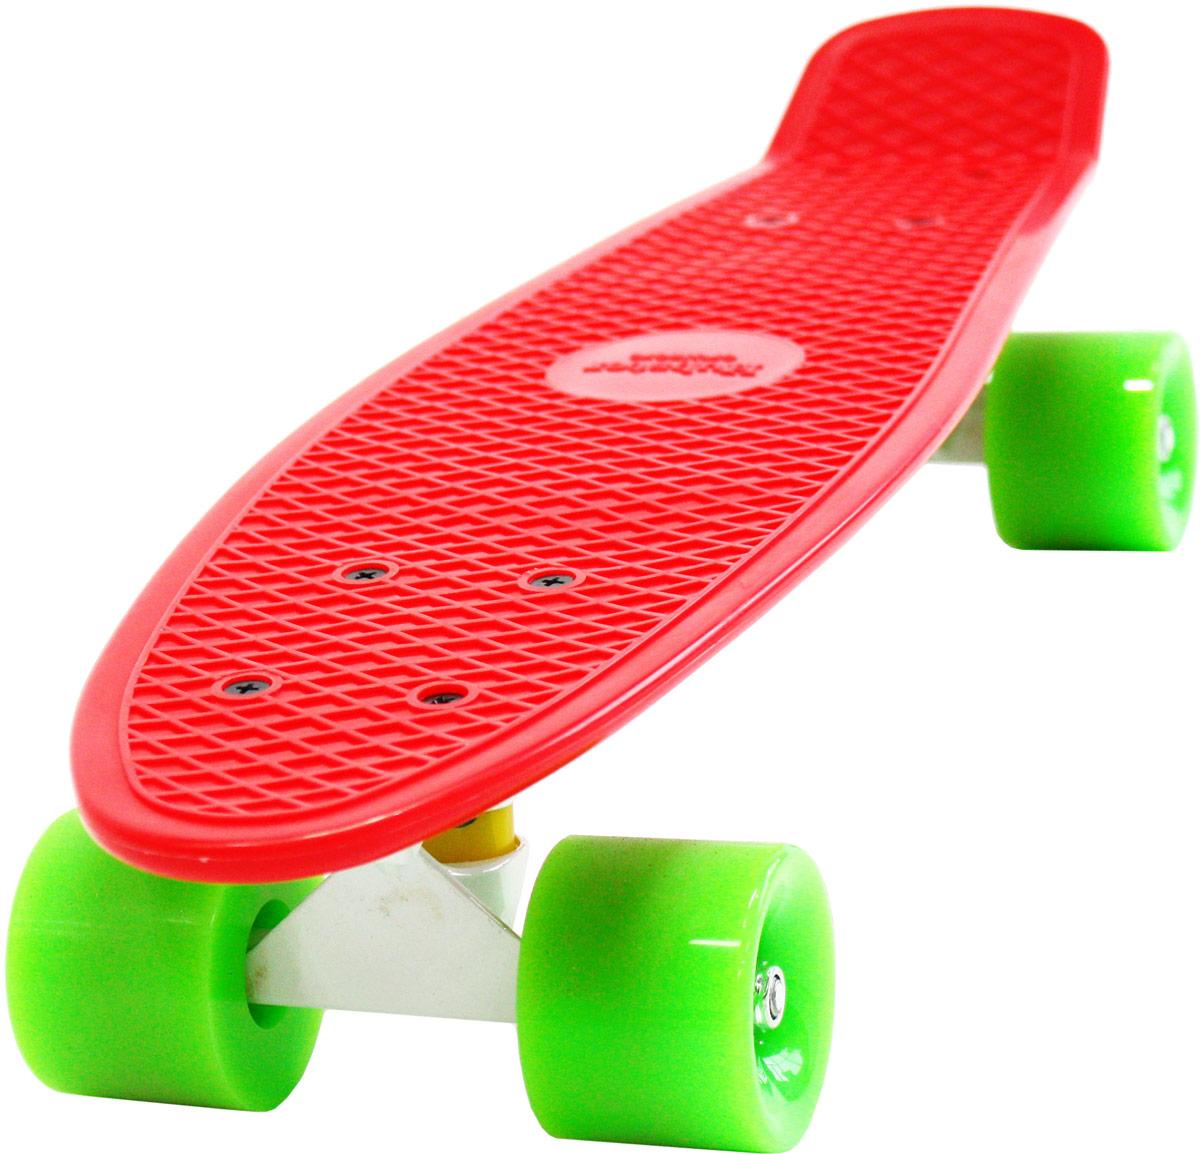 """Пенни борд Hubster """"Cruiser"""", цвет: красный, зеленый, дека 22"""""""